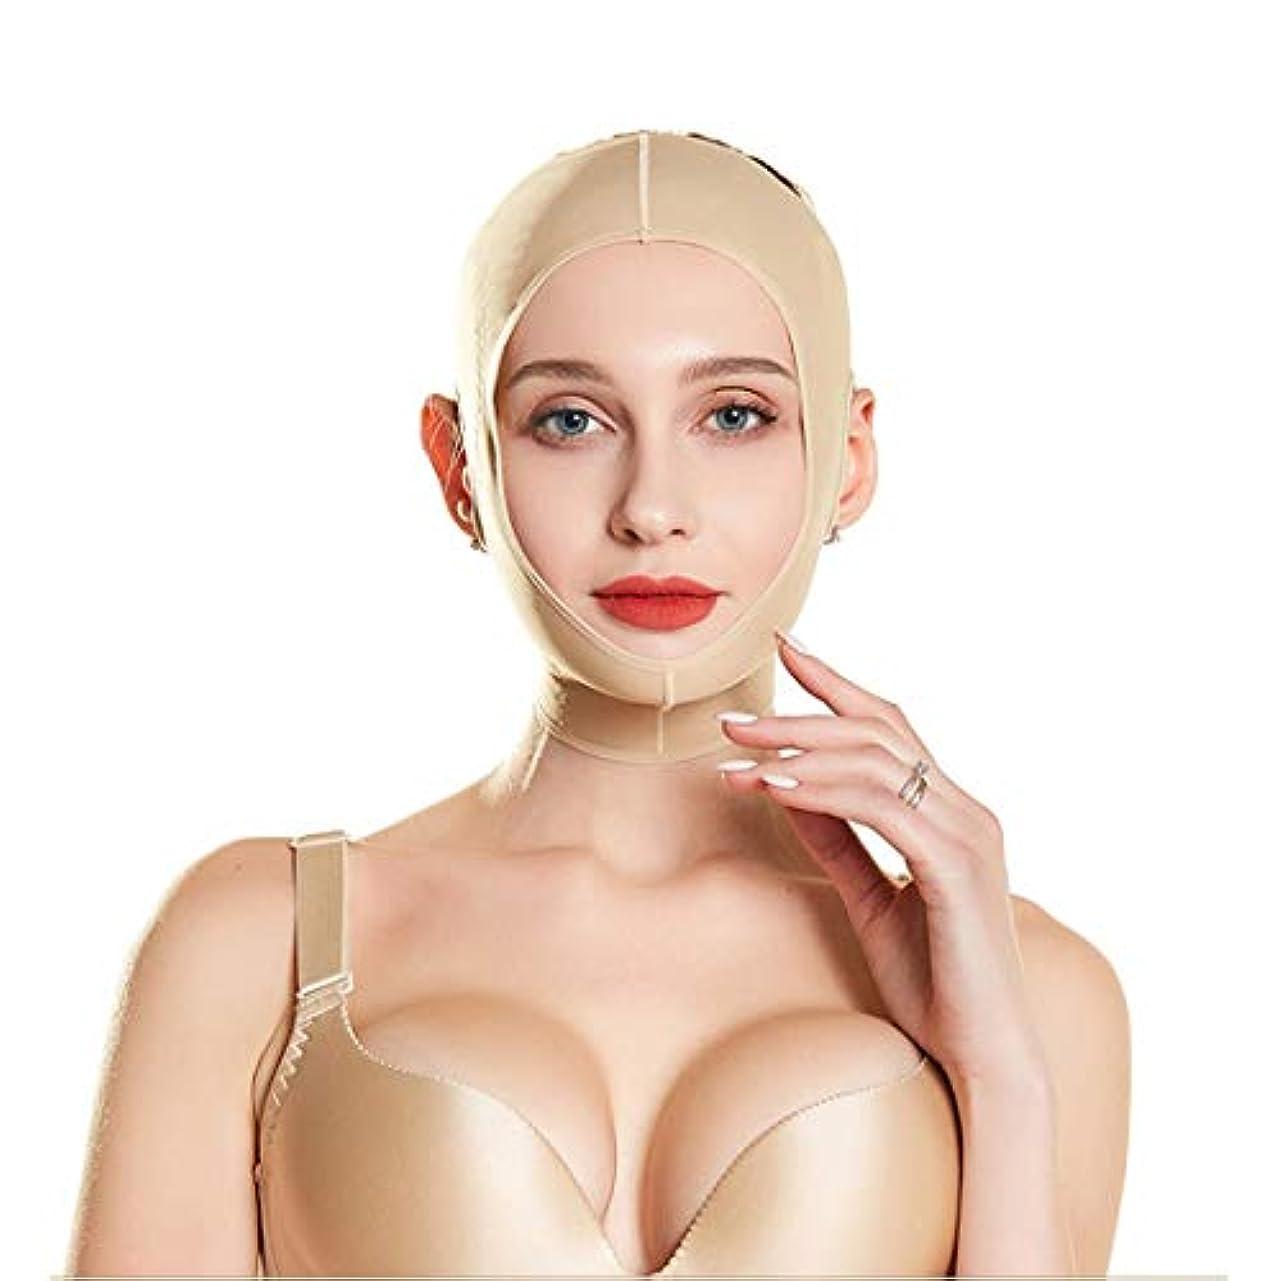 母音ビル装置ZWBD フェイスマスク, フェイスリフティング包帯医療美容スキンフェイスカービングスモールVフェイスアーティファクトシェーピングリフティングフェイスカービングセットフェイスマスク美容フェードシワ (Size : M)